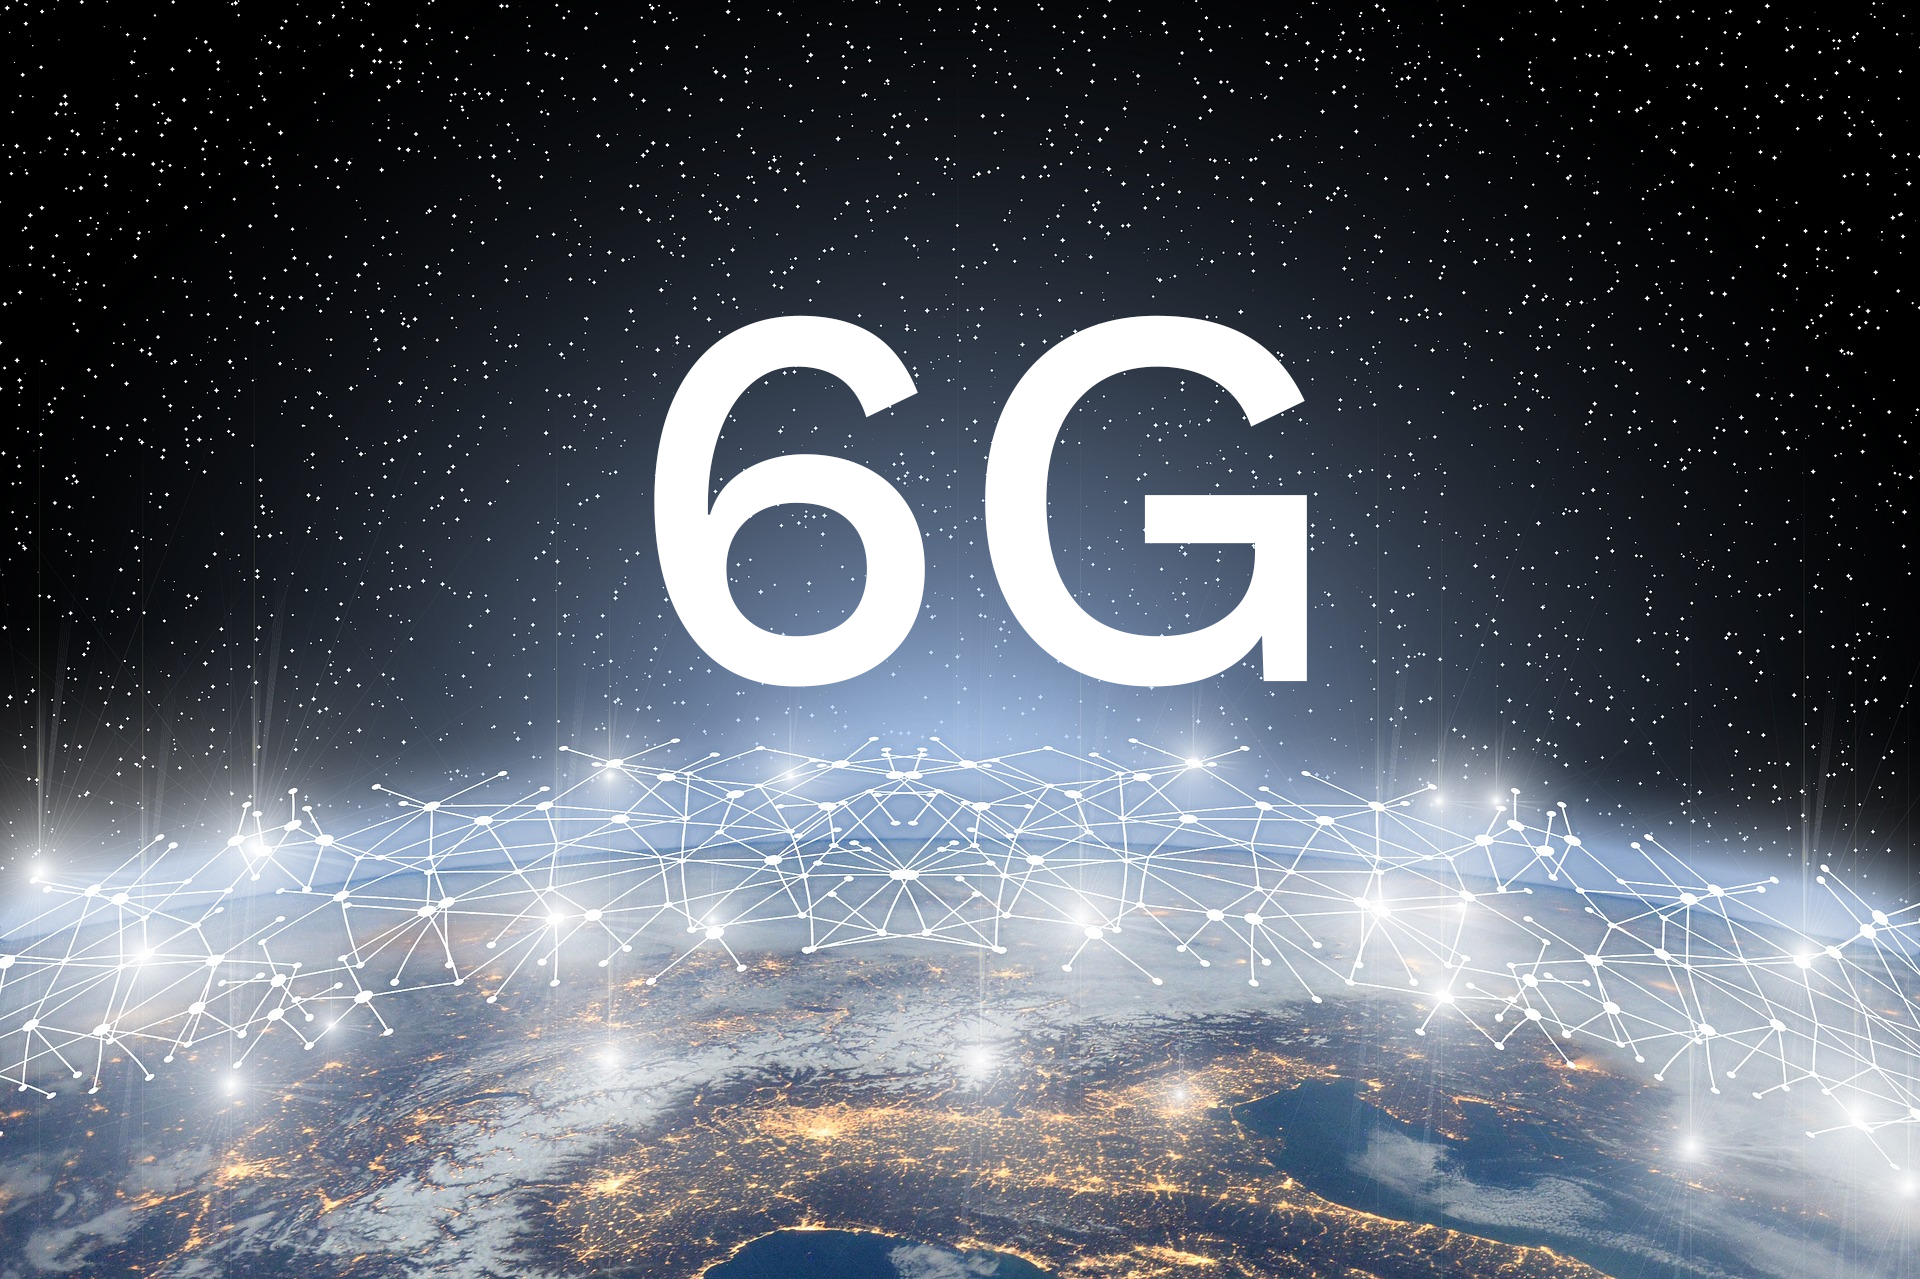 5G Saja Sudah Luar Biasa, 6G Akan Datang Sebentar Lagi! Image